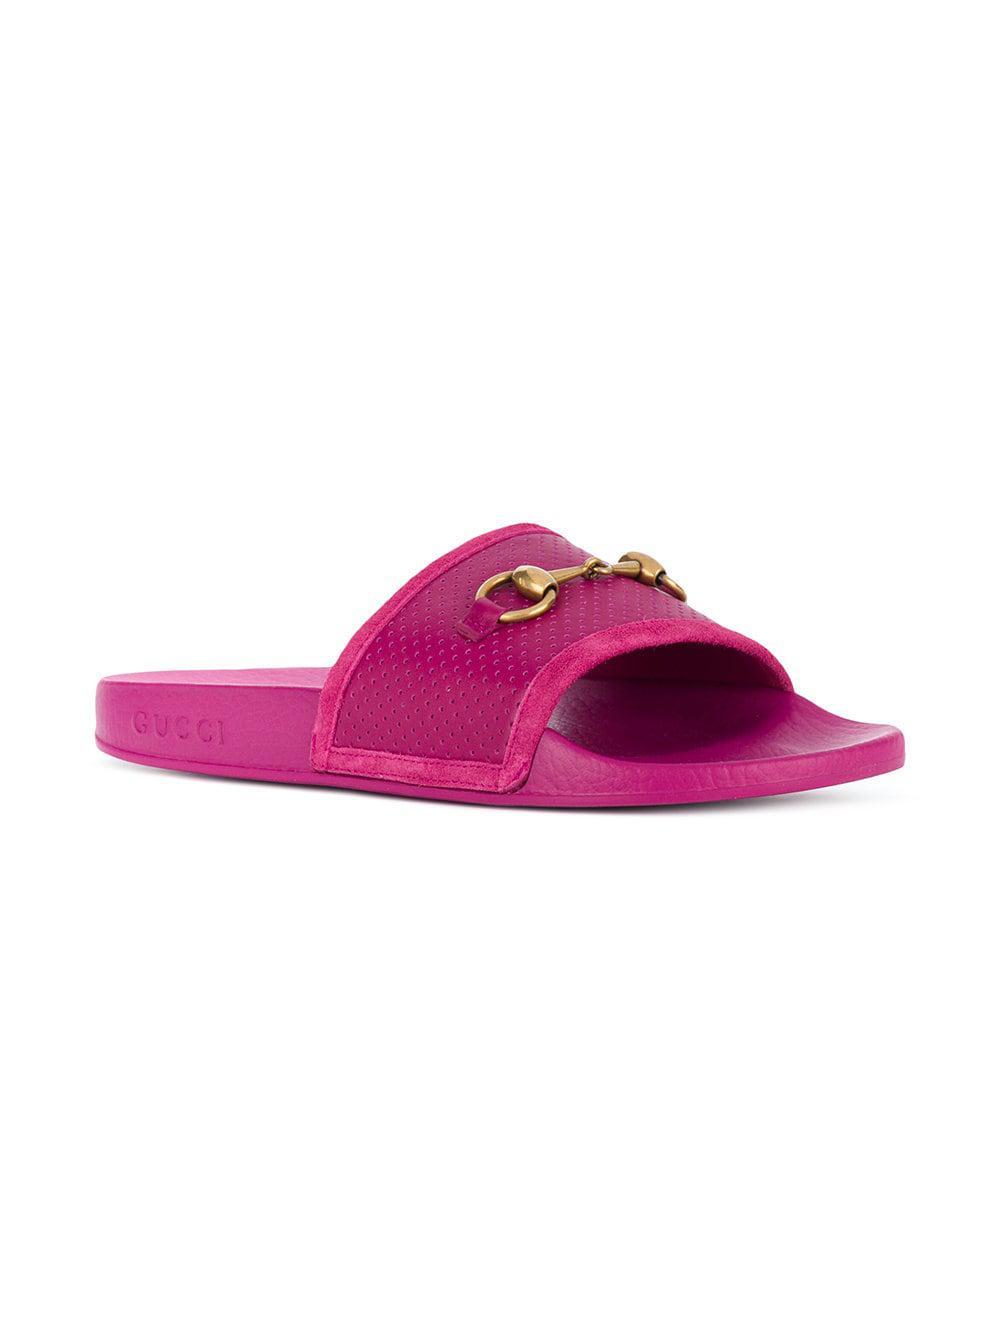 3de4393873f Gucci Pursuit Horsebit Slides in Pink - Lyst